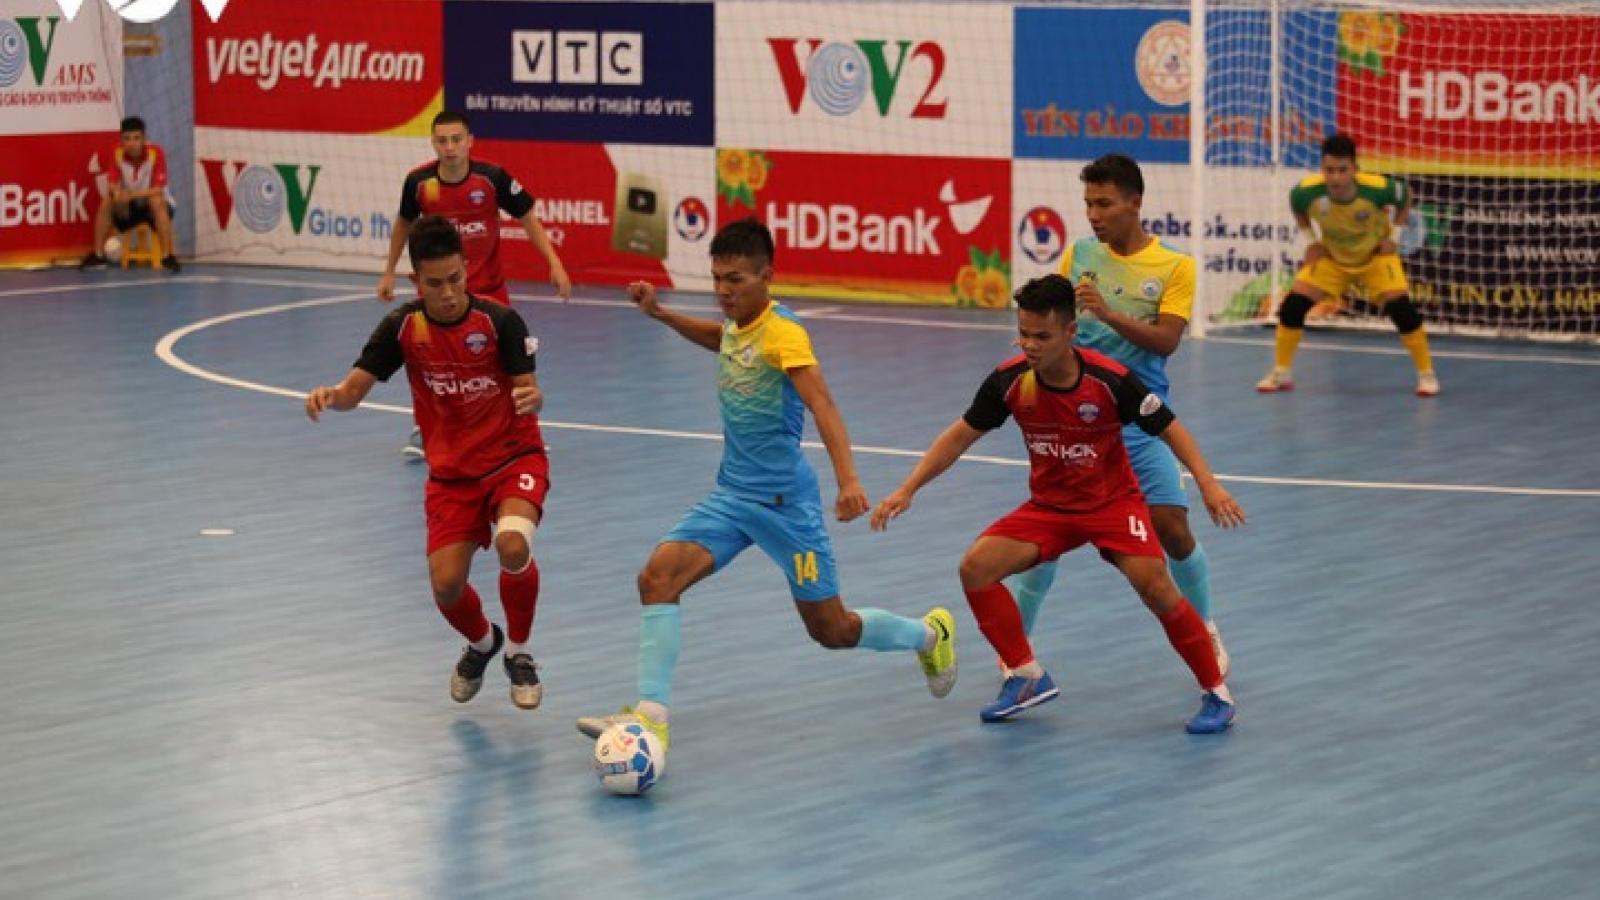 Xem trực tiếp Futsal HDBank VĐQG 2020: Đà Nẵng FC - Sanvinest Sanatech Khánh Hòa